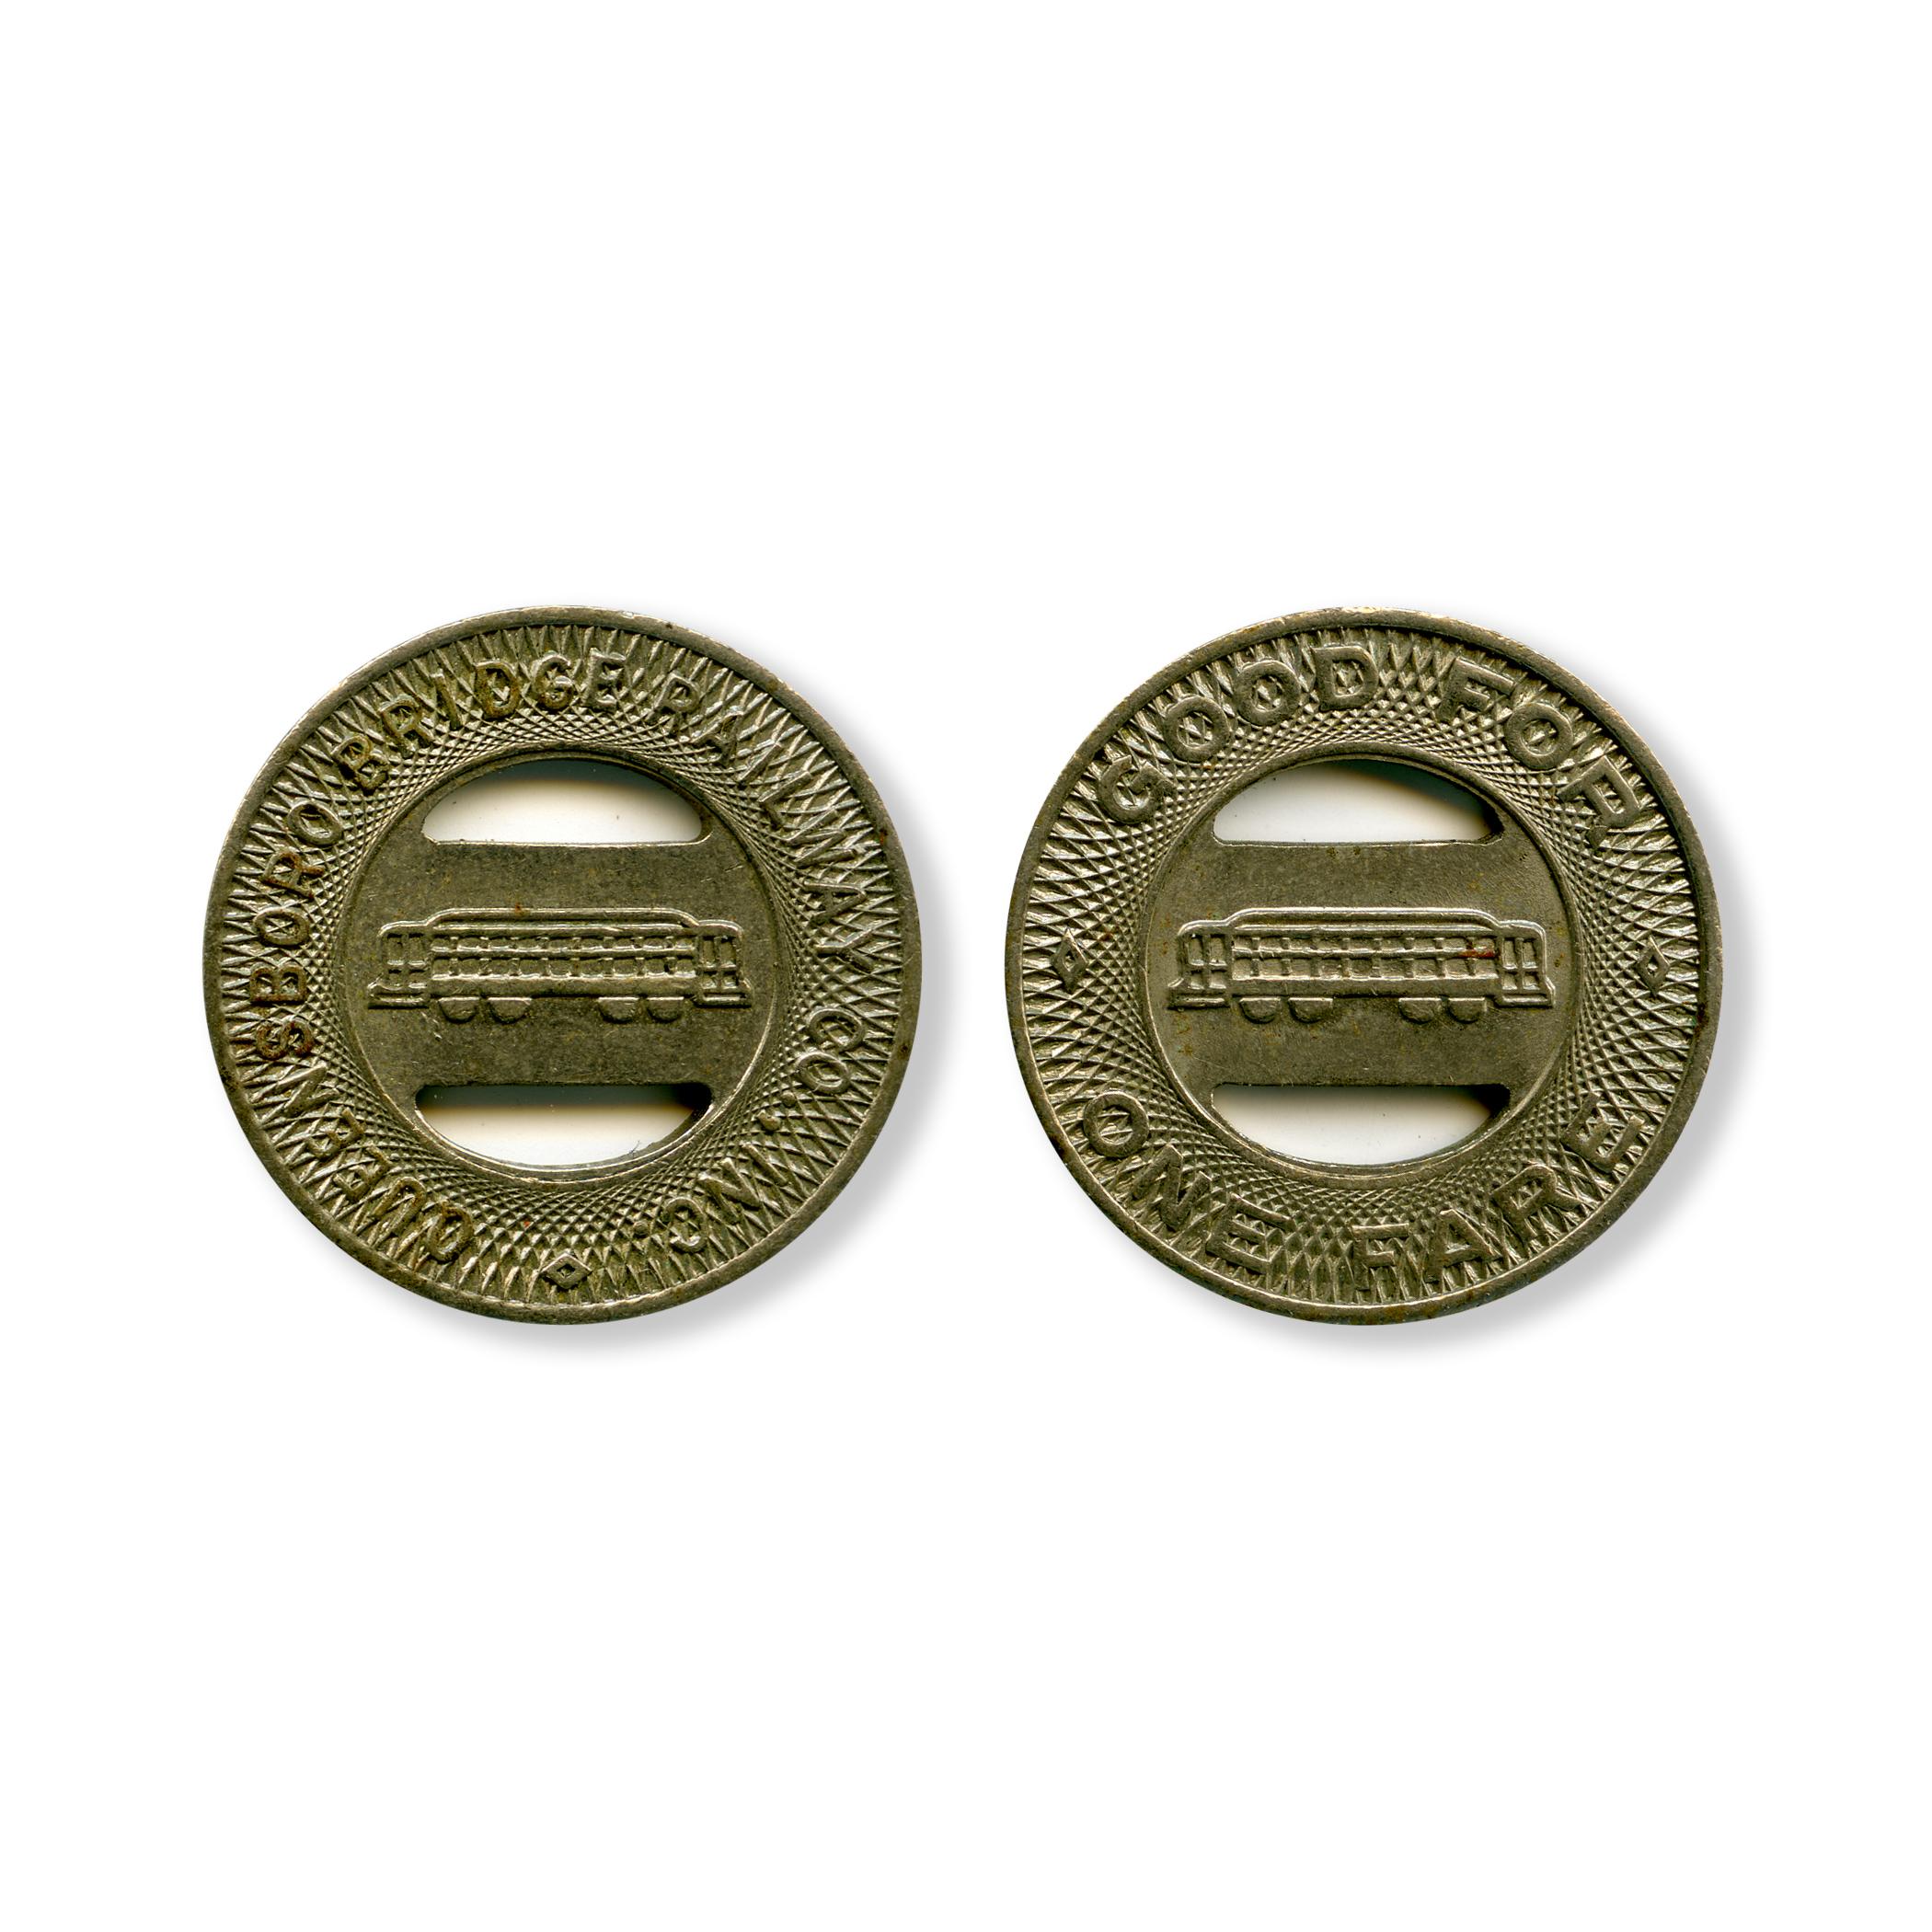 the_nycta_project_queensboro_bridge_railway_co_token.jpg